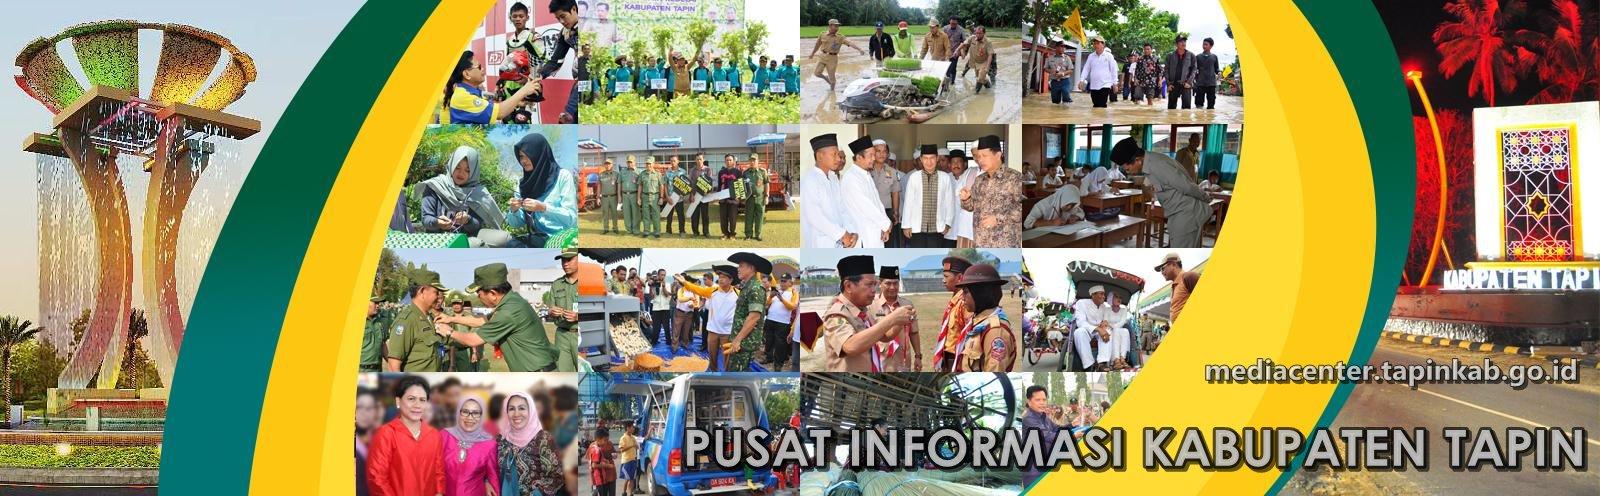 Media Center Tapin | Info Tapin | Berita &  Informasi Kab. Tapin Kalsel